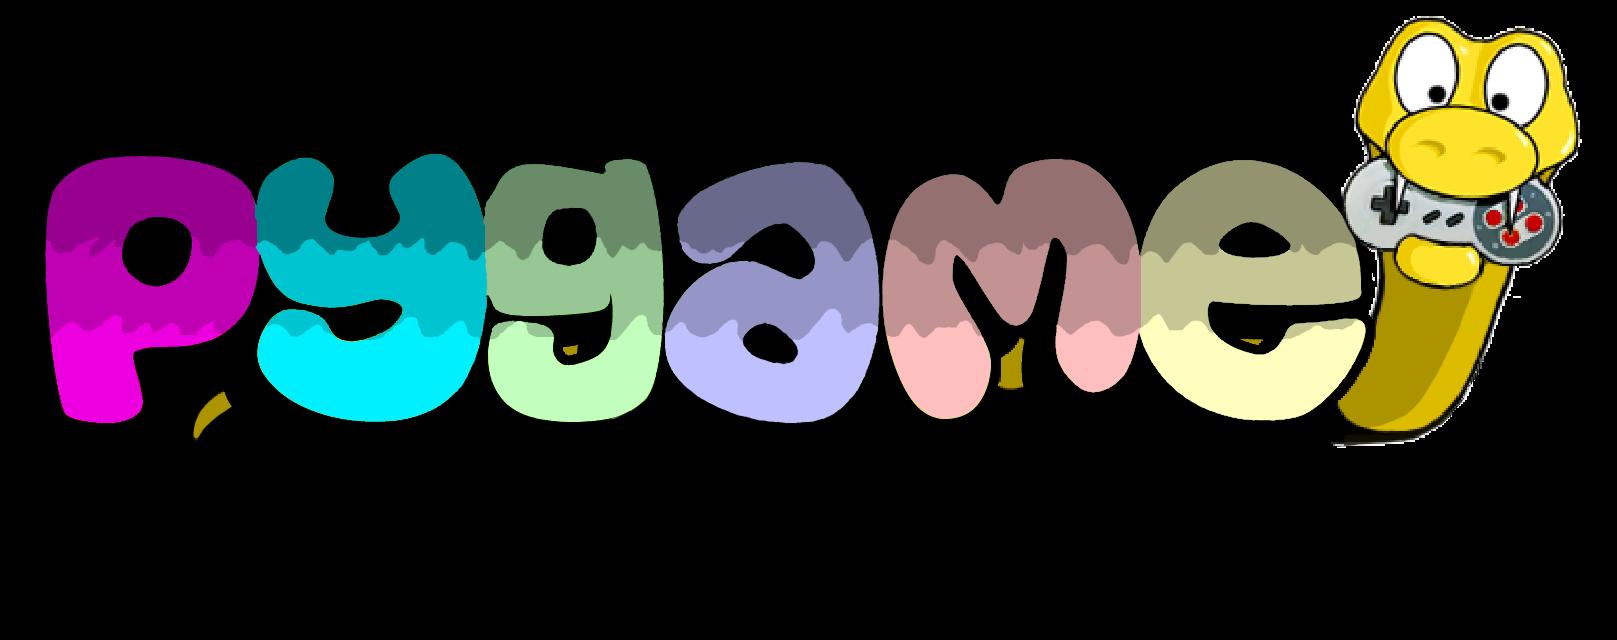 Capturando imagem da webcam com o PyGame